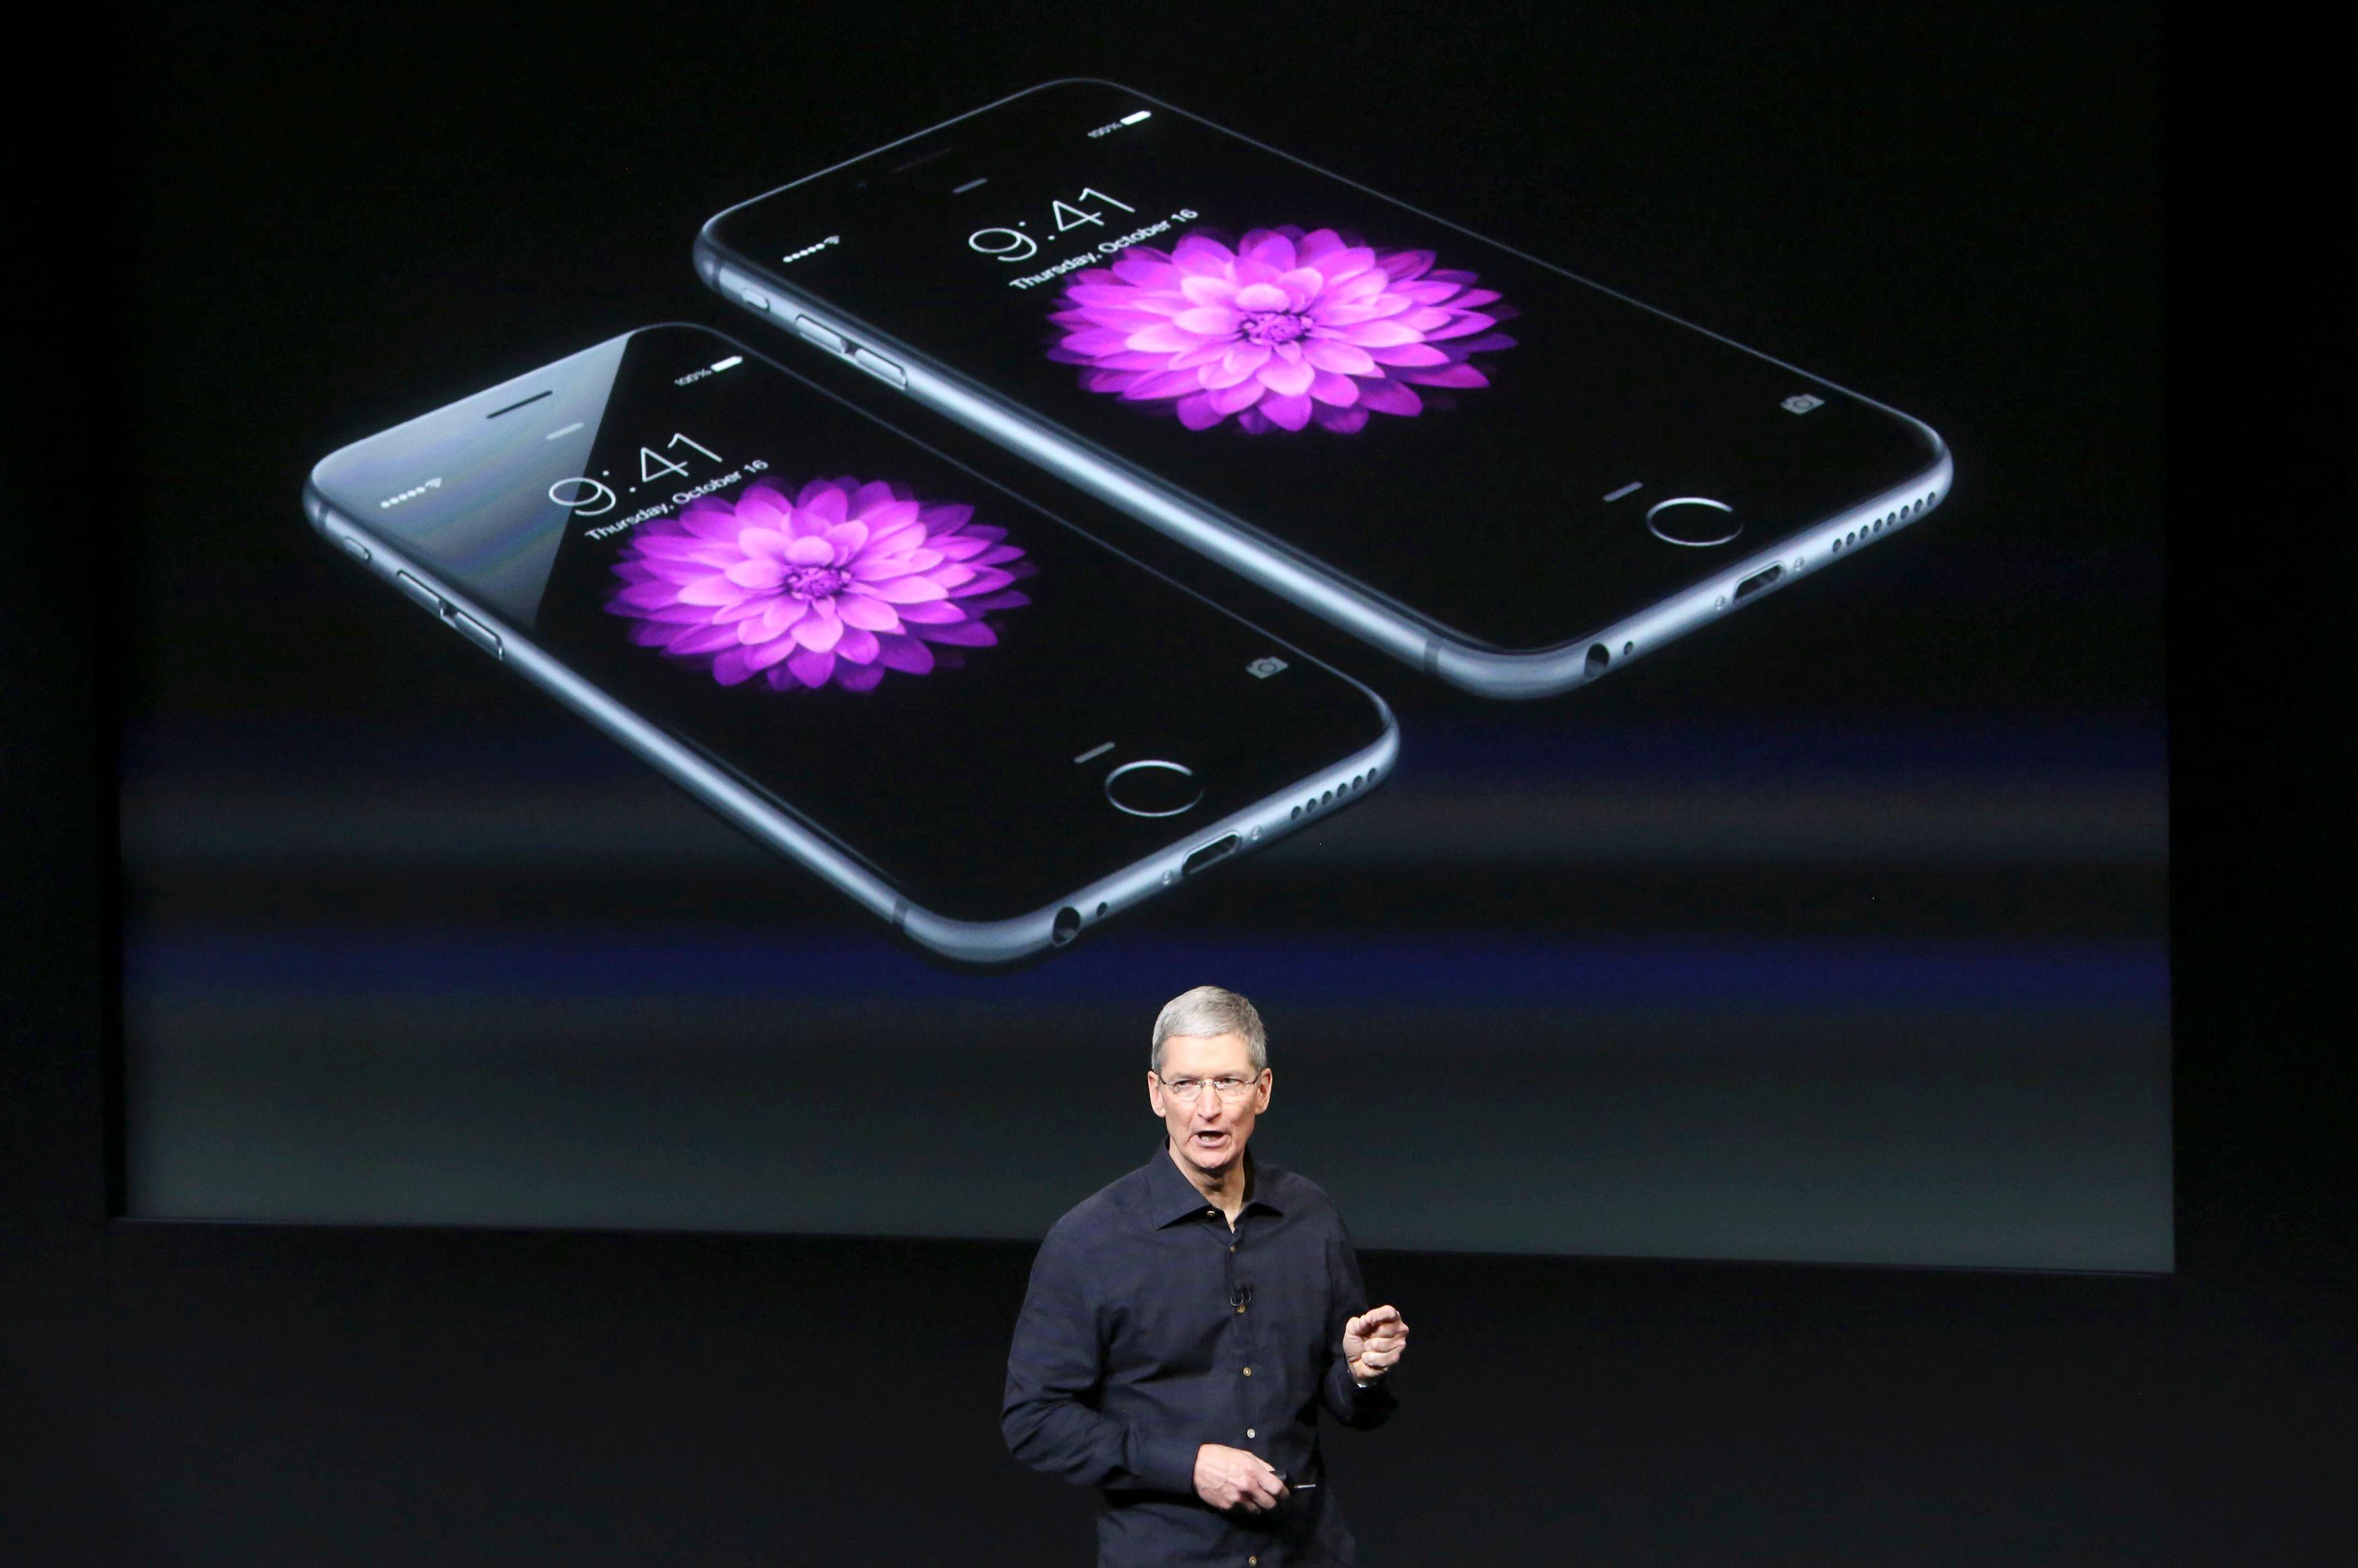 iPhone 6 : pourquoi les produits Apple affichent-ils toujours 9h41 dans les pubs ?